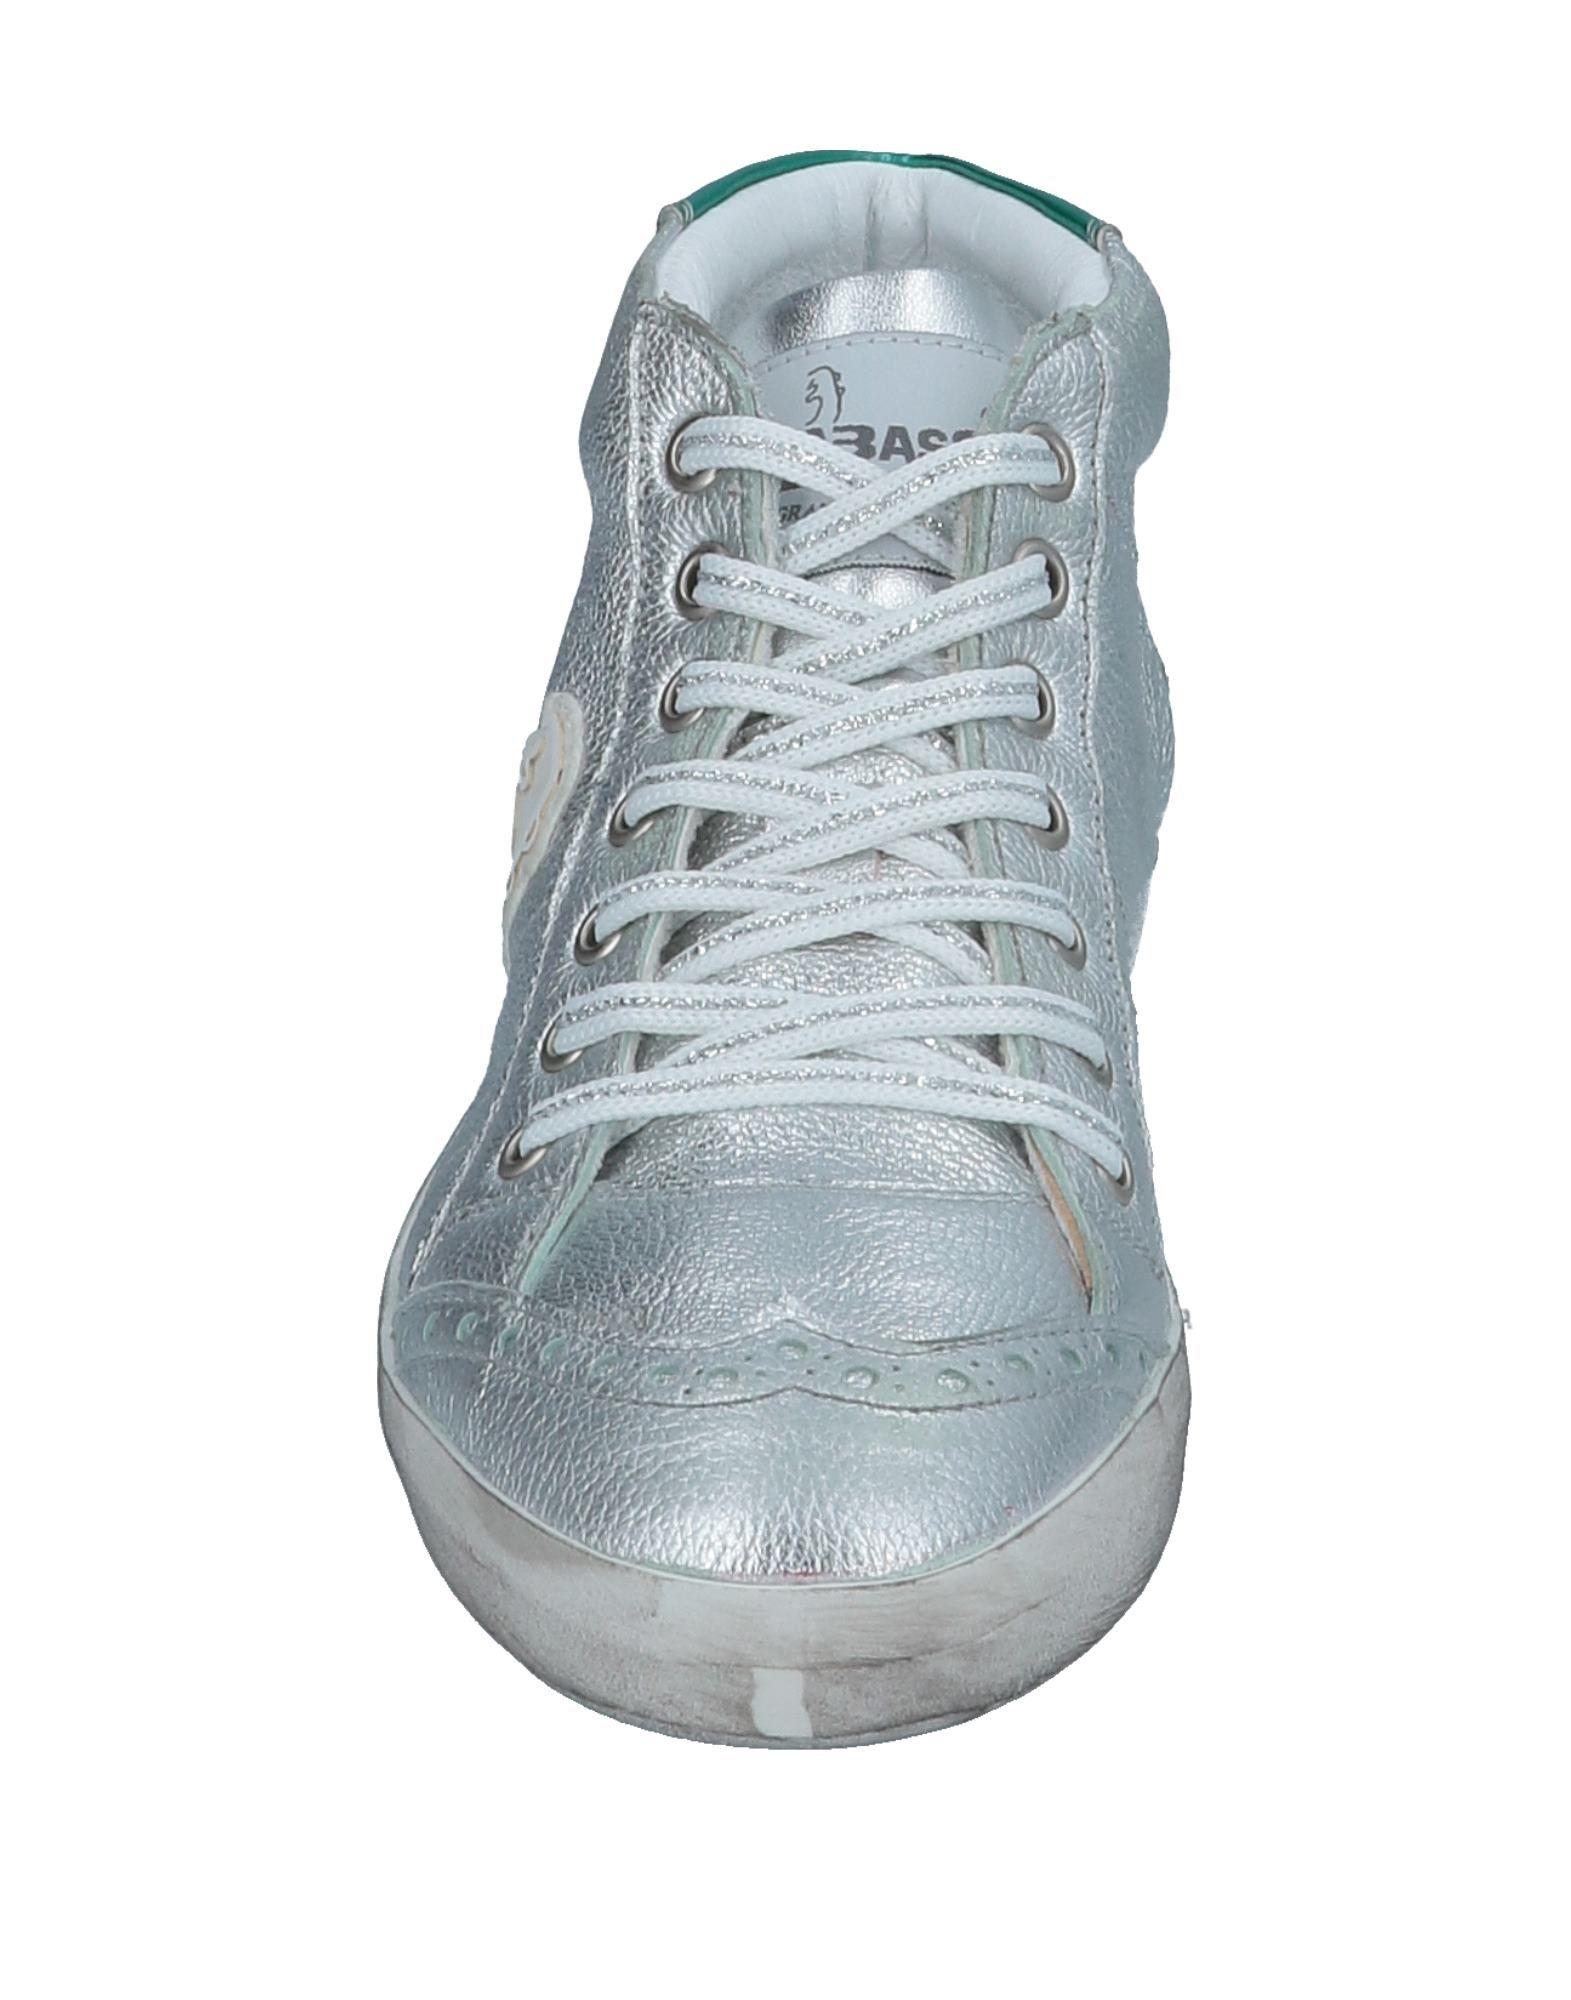 Primabase Sneakers Damen Gutes Preis-Leistungs-Verhältnis, es es Preis-Leistungs-Verhältnis, lohnt sich 4e795e